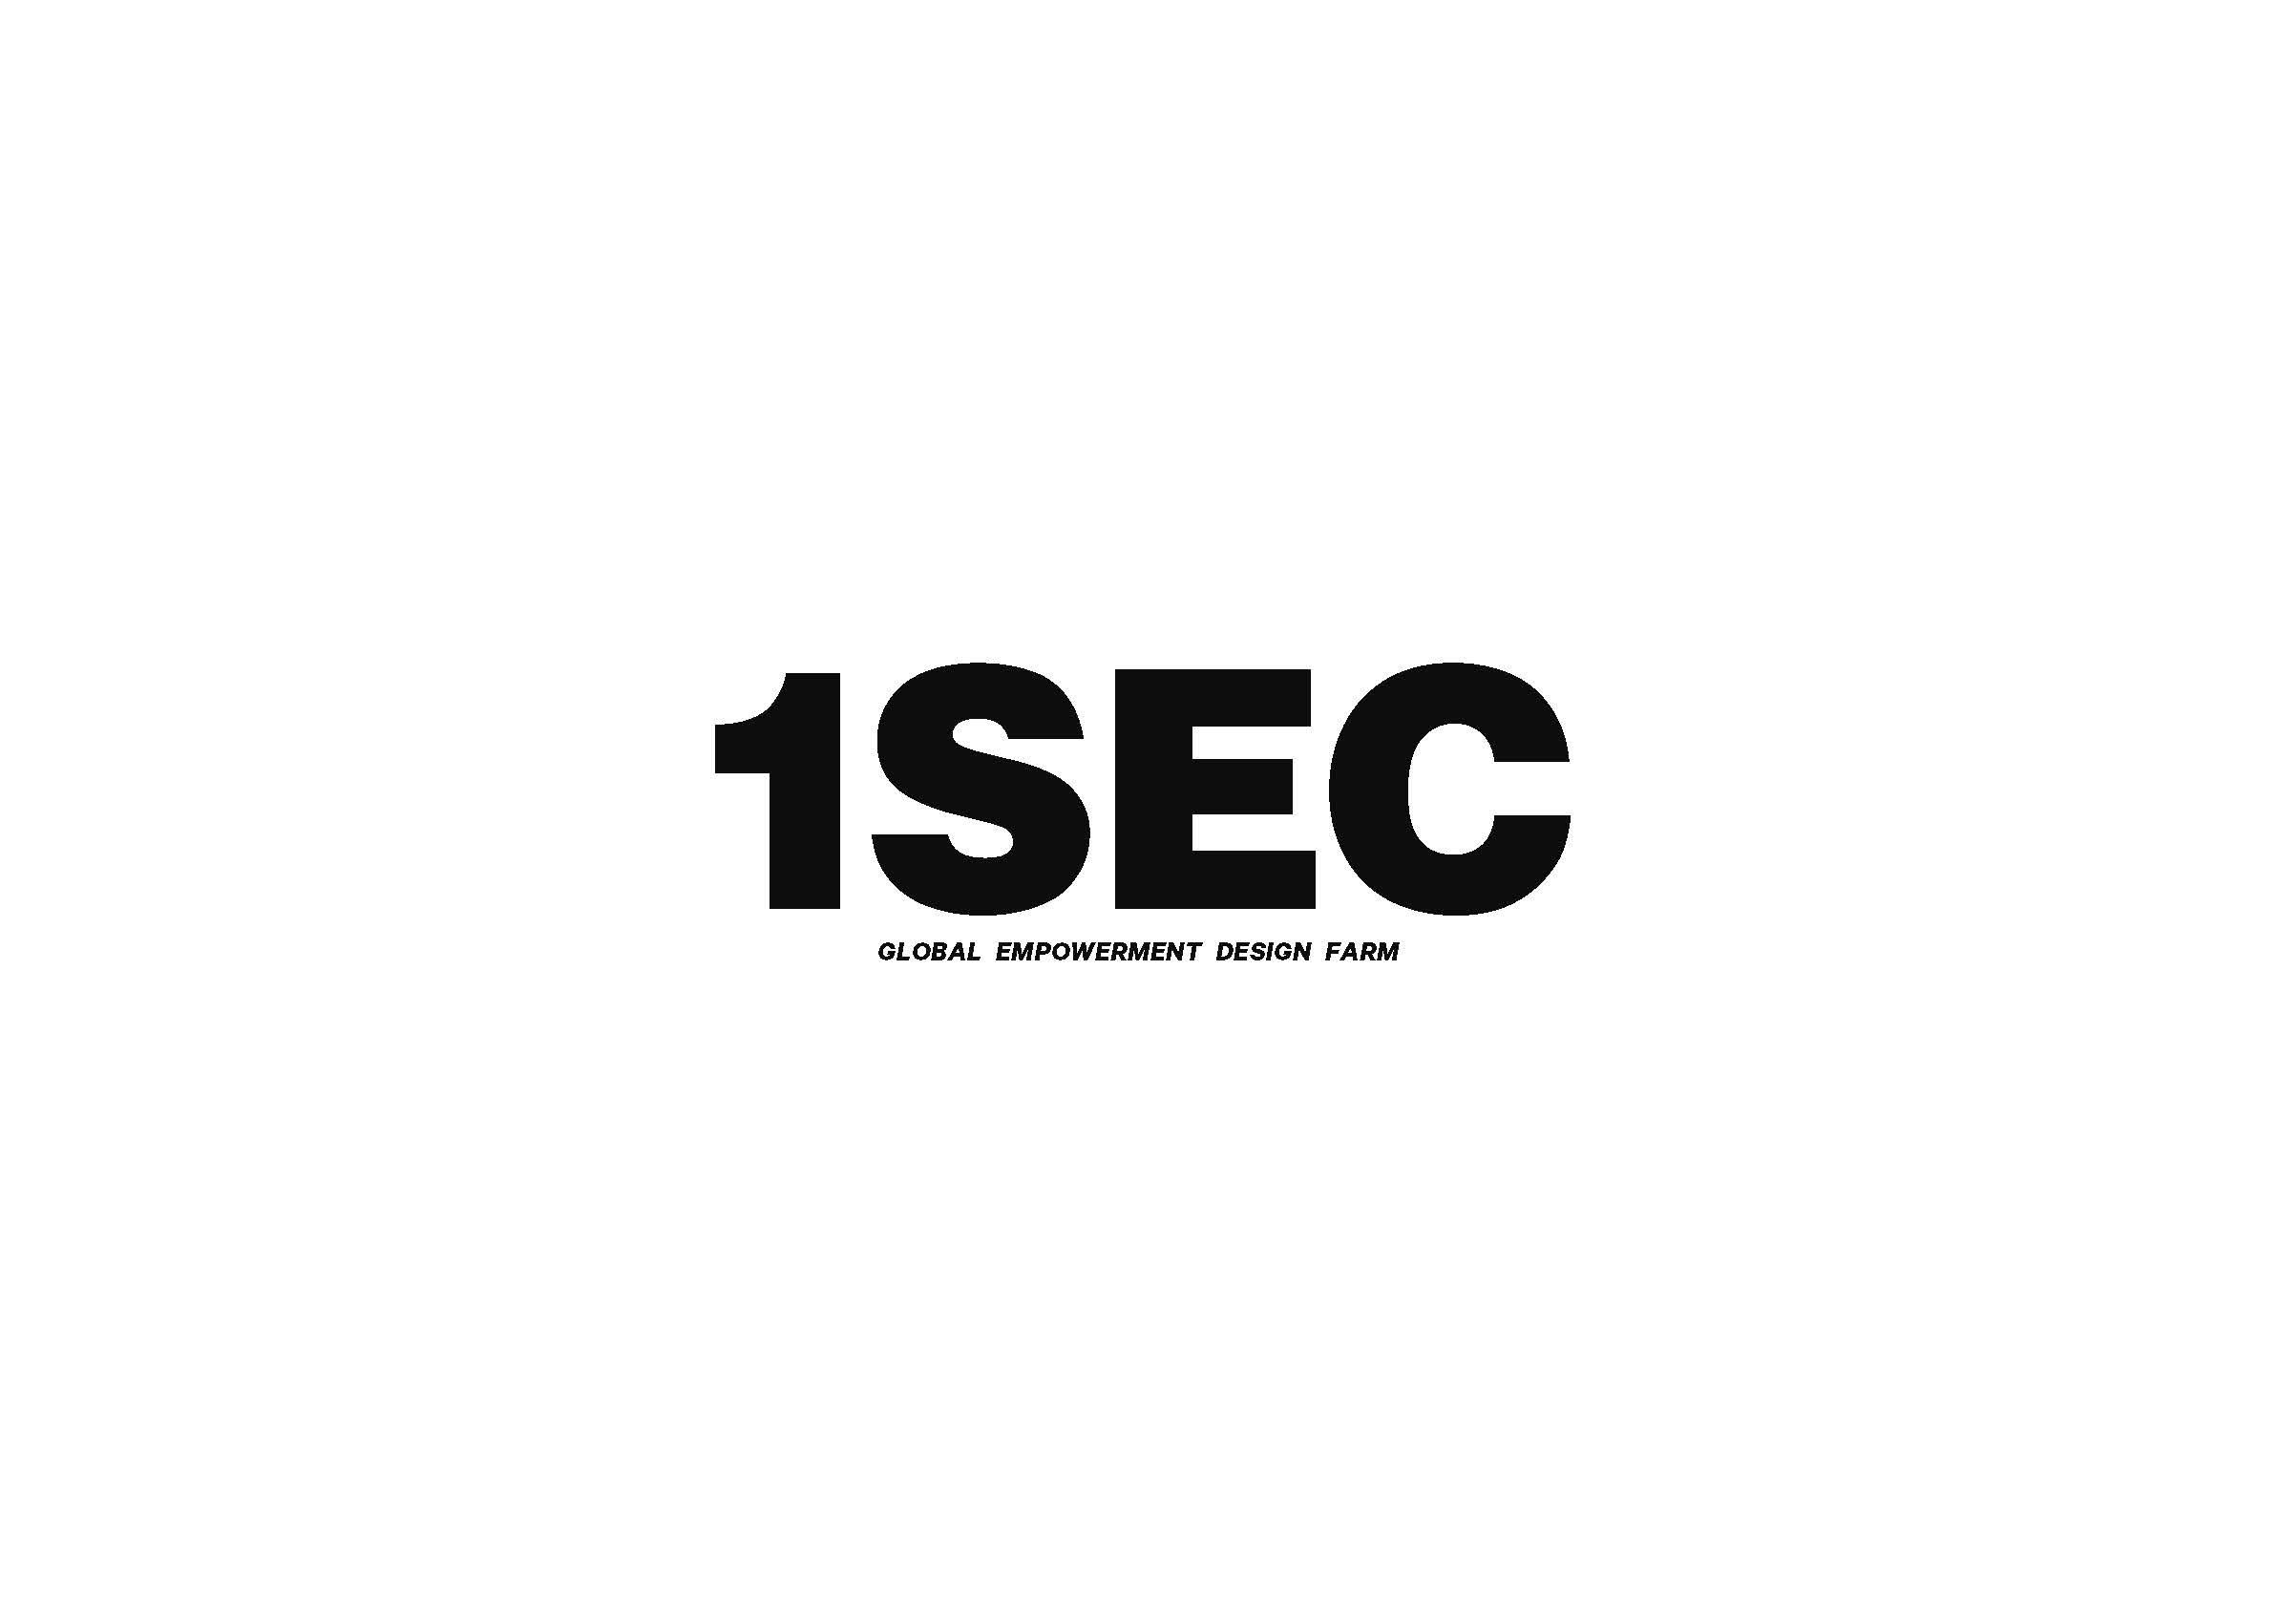 1SEC:ロゴマーク